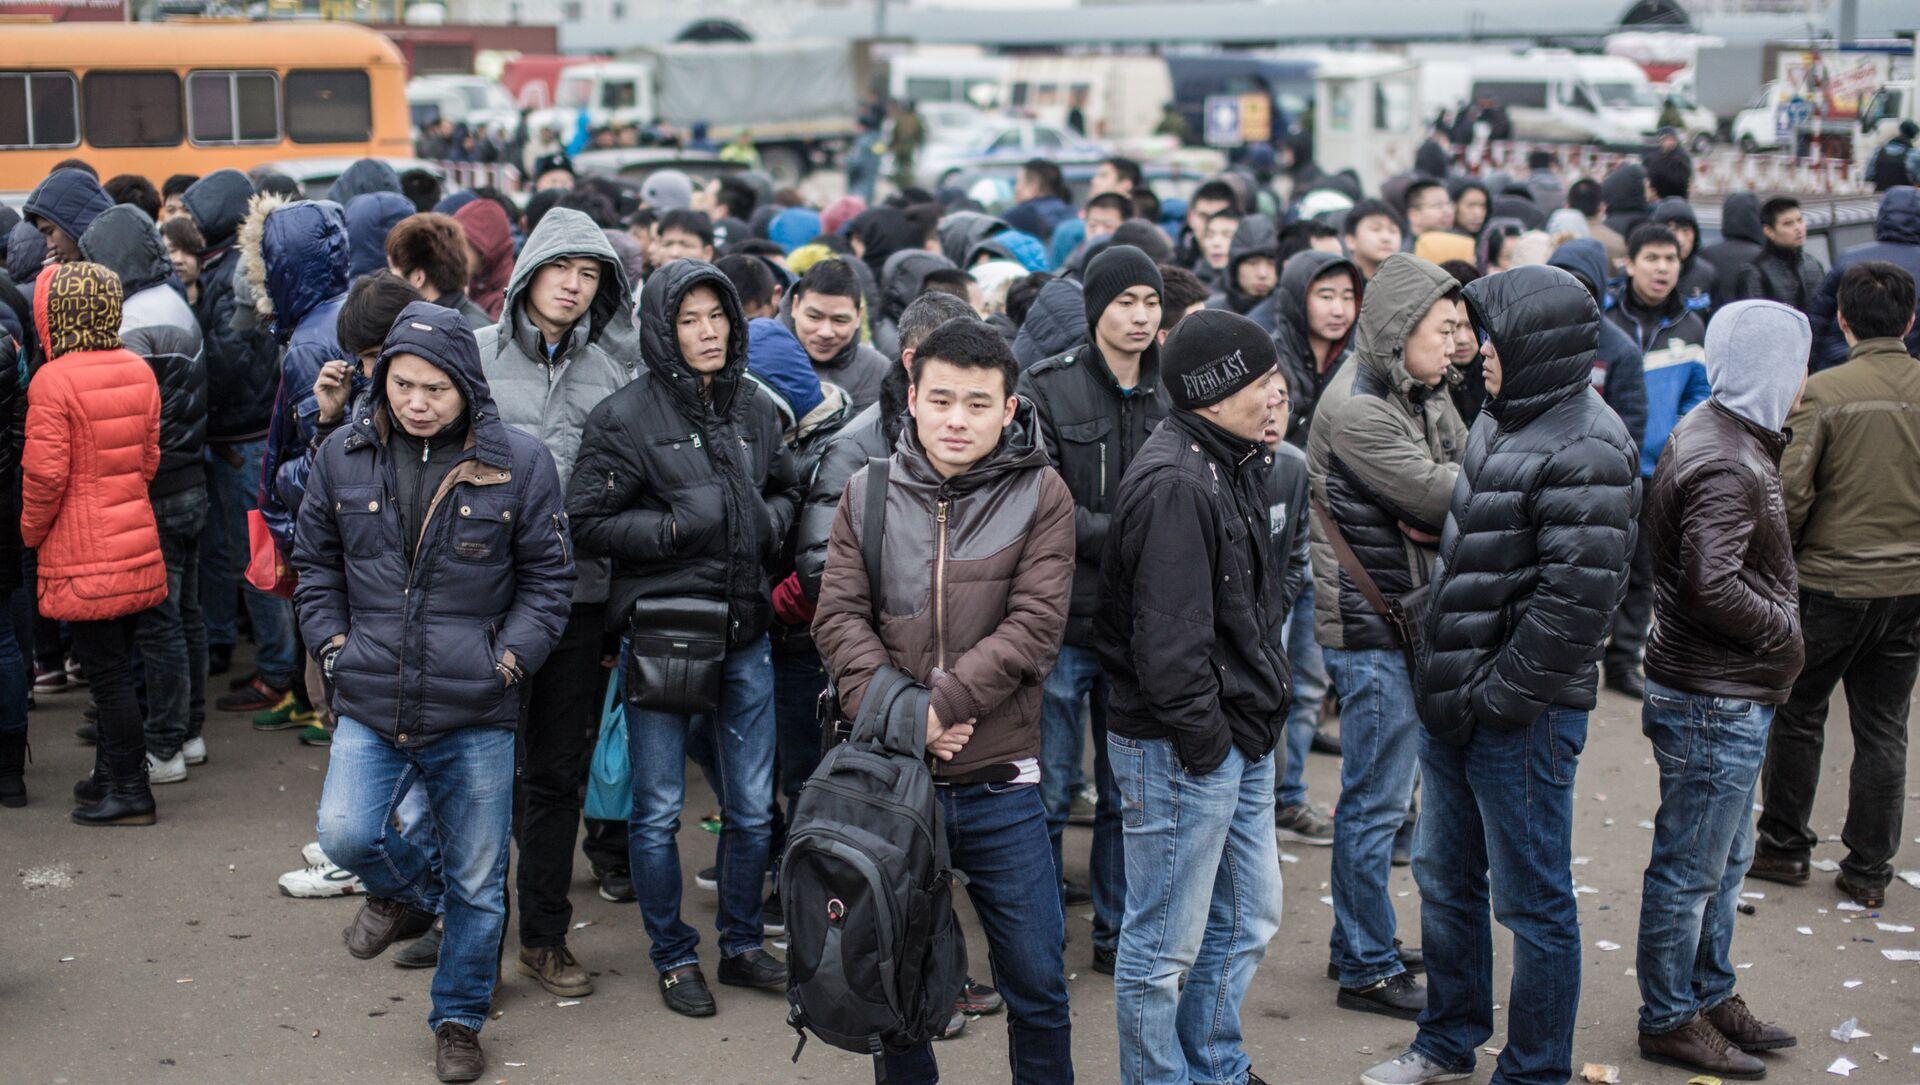 Полиция проводит проверку миграционного законодательства  - Sputnik Грузия, 1920, 29.03.2021